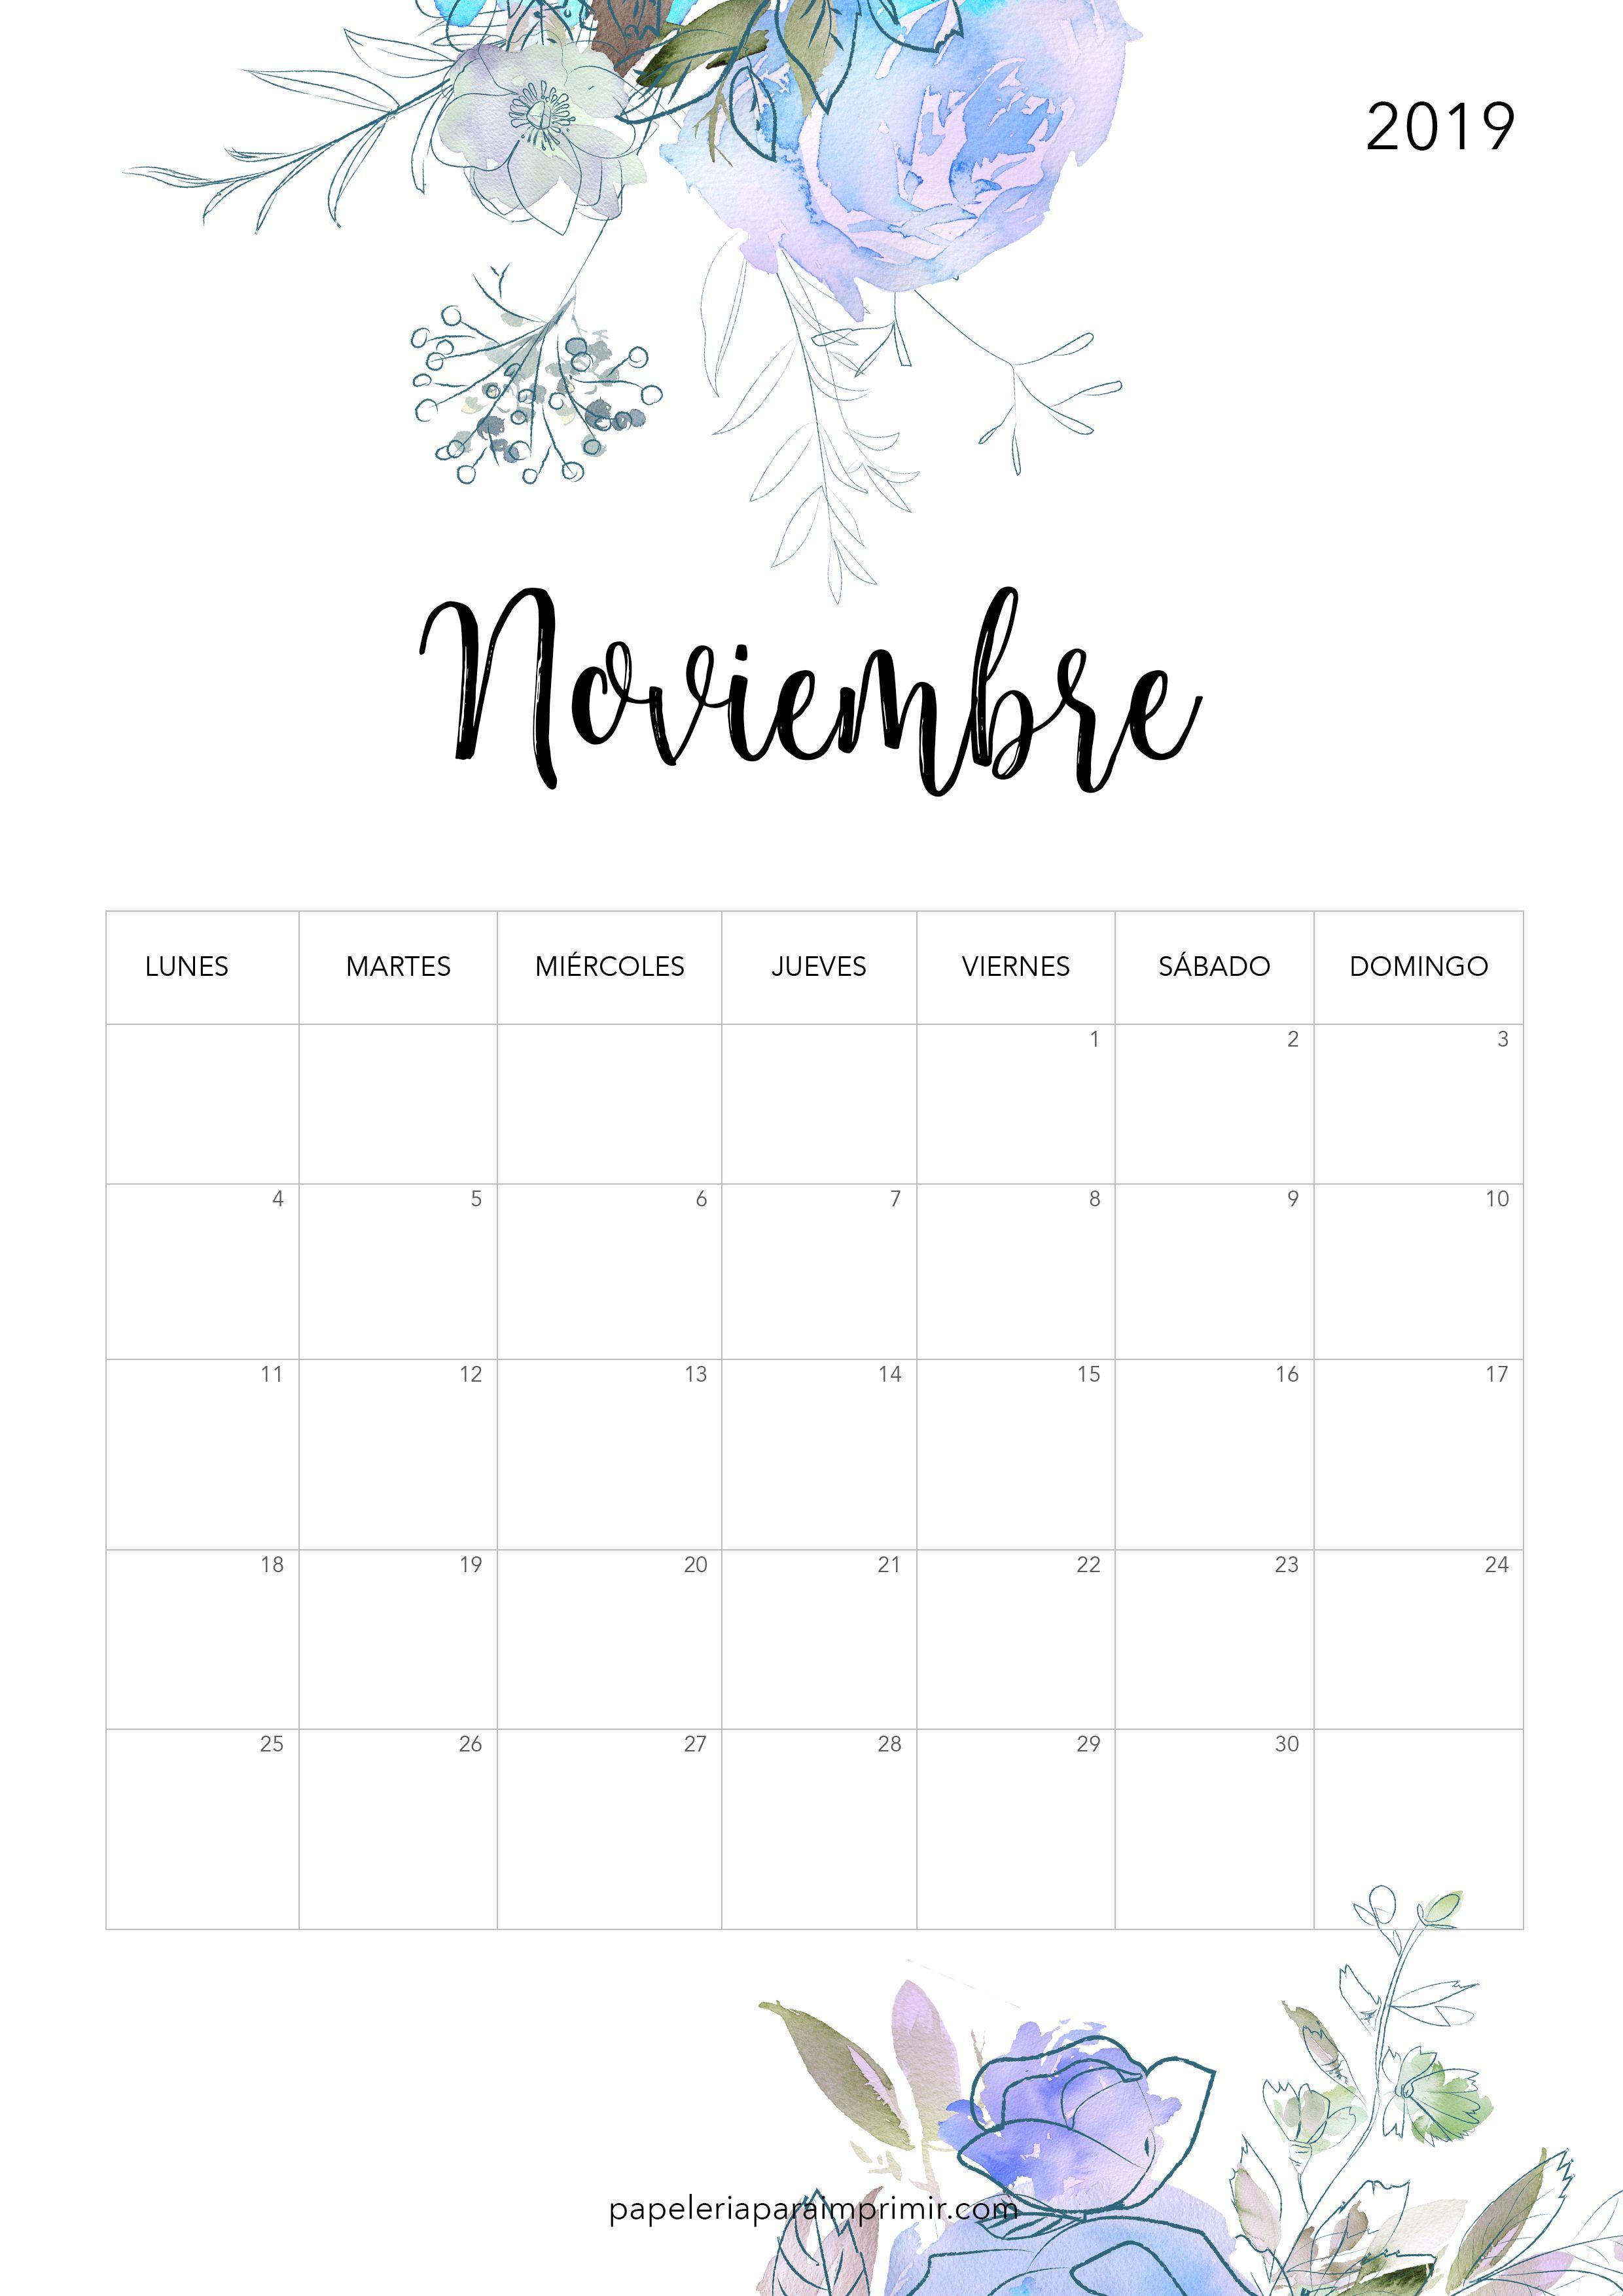 Calendario Noviembre 2019.Calendario Para Imprimir 2019 Noviembre Calendario Imprimir